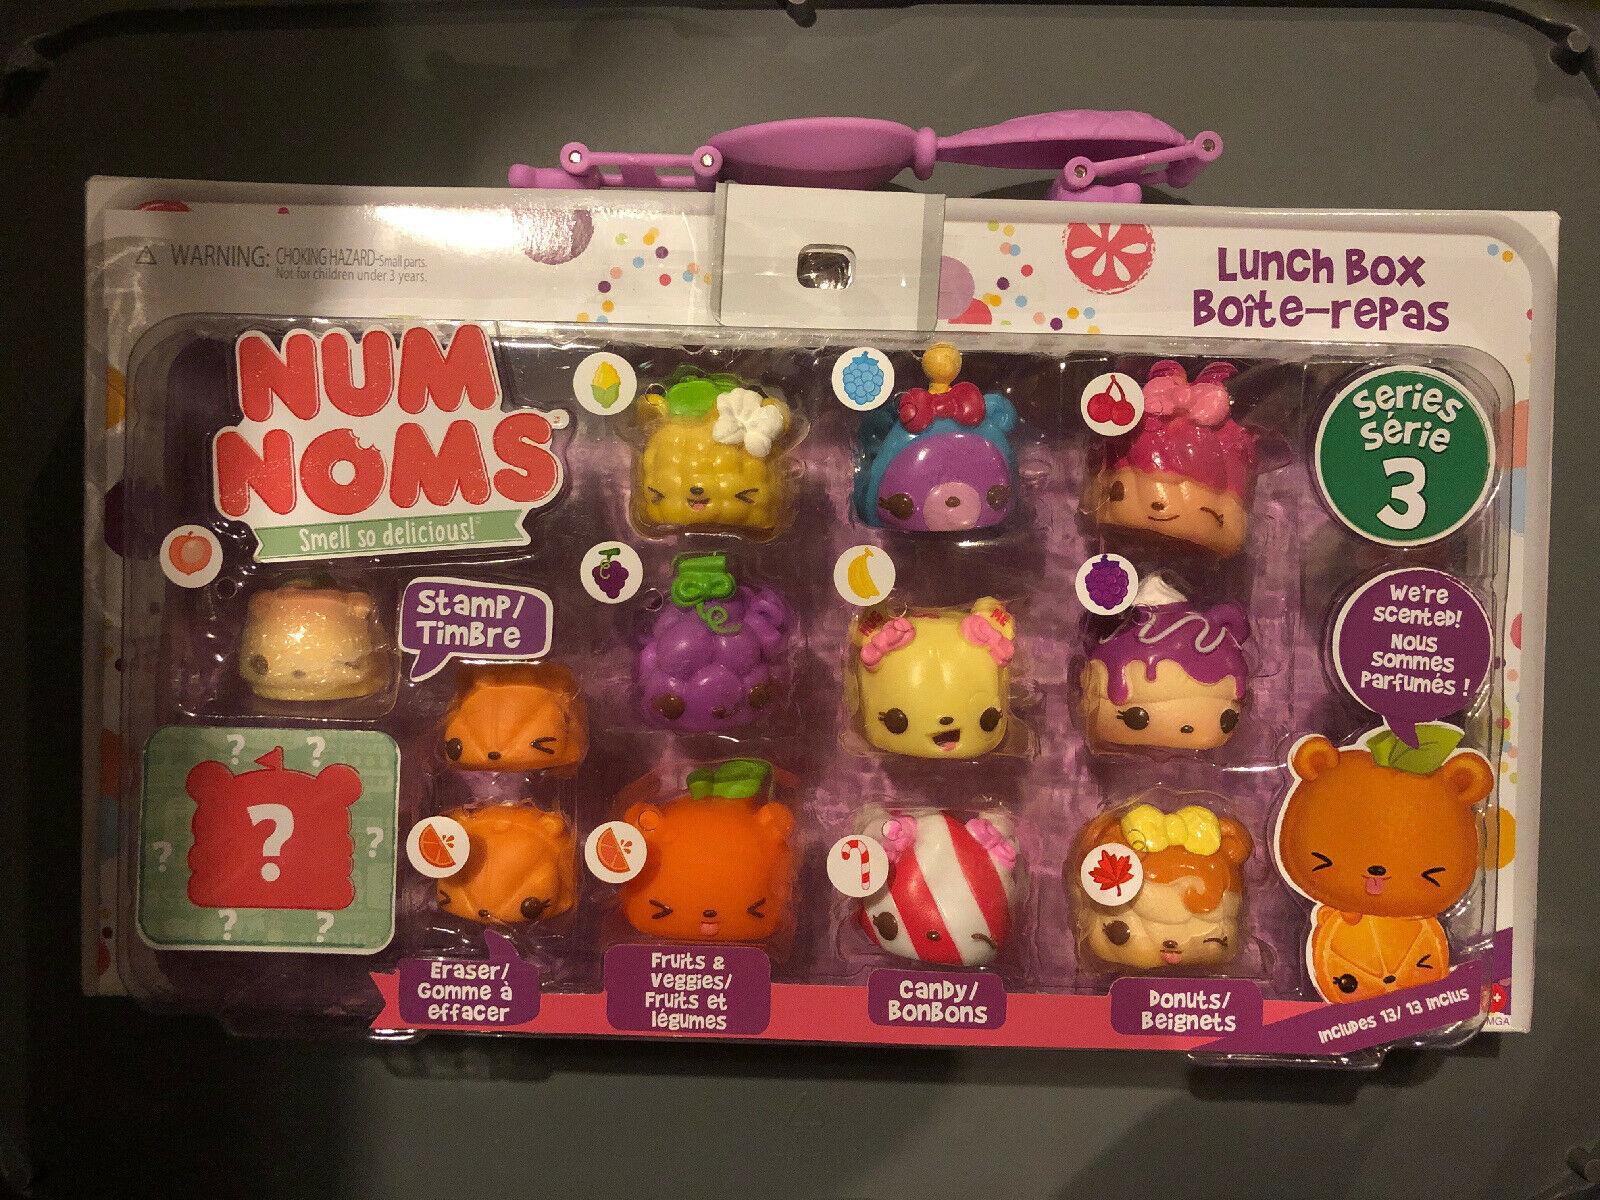 Num Noms Series 3 Lunch Box Deluxe Pack 10 Scented Nums 2 avec Nom De Legume